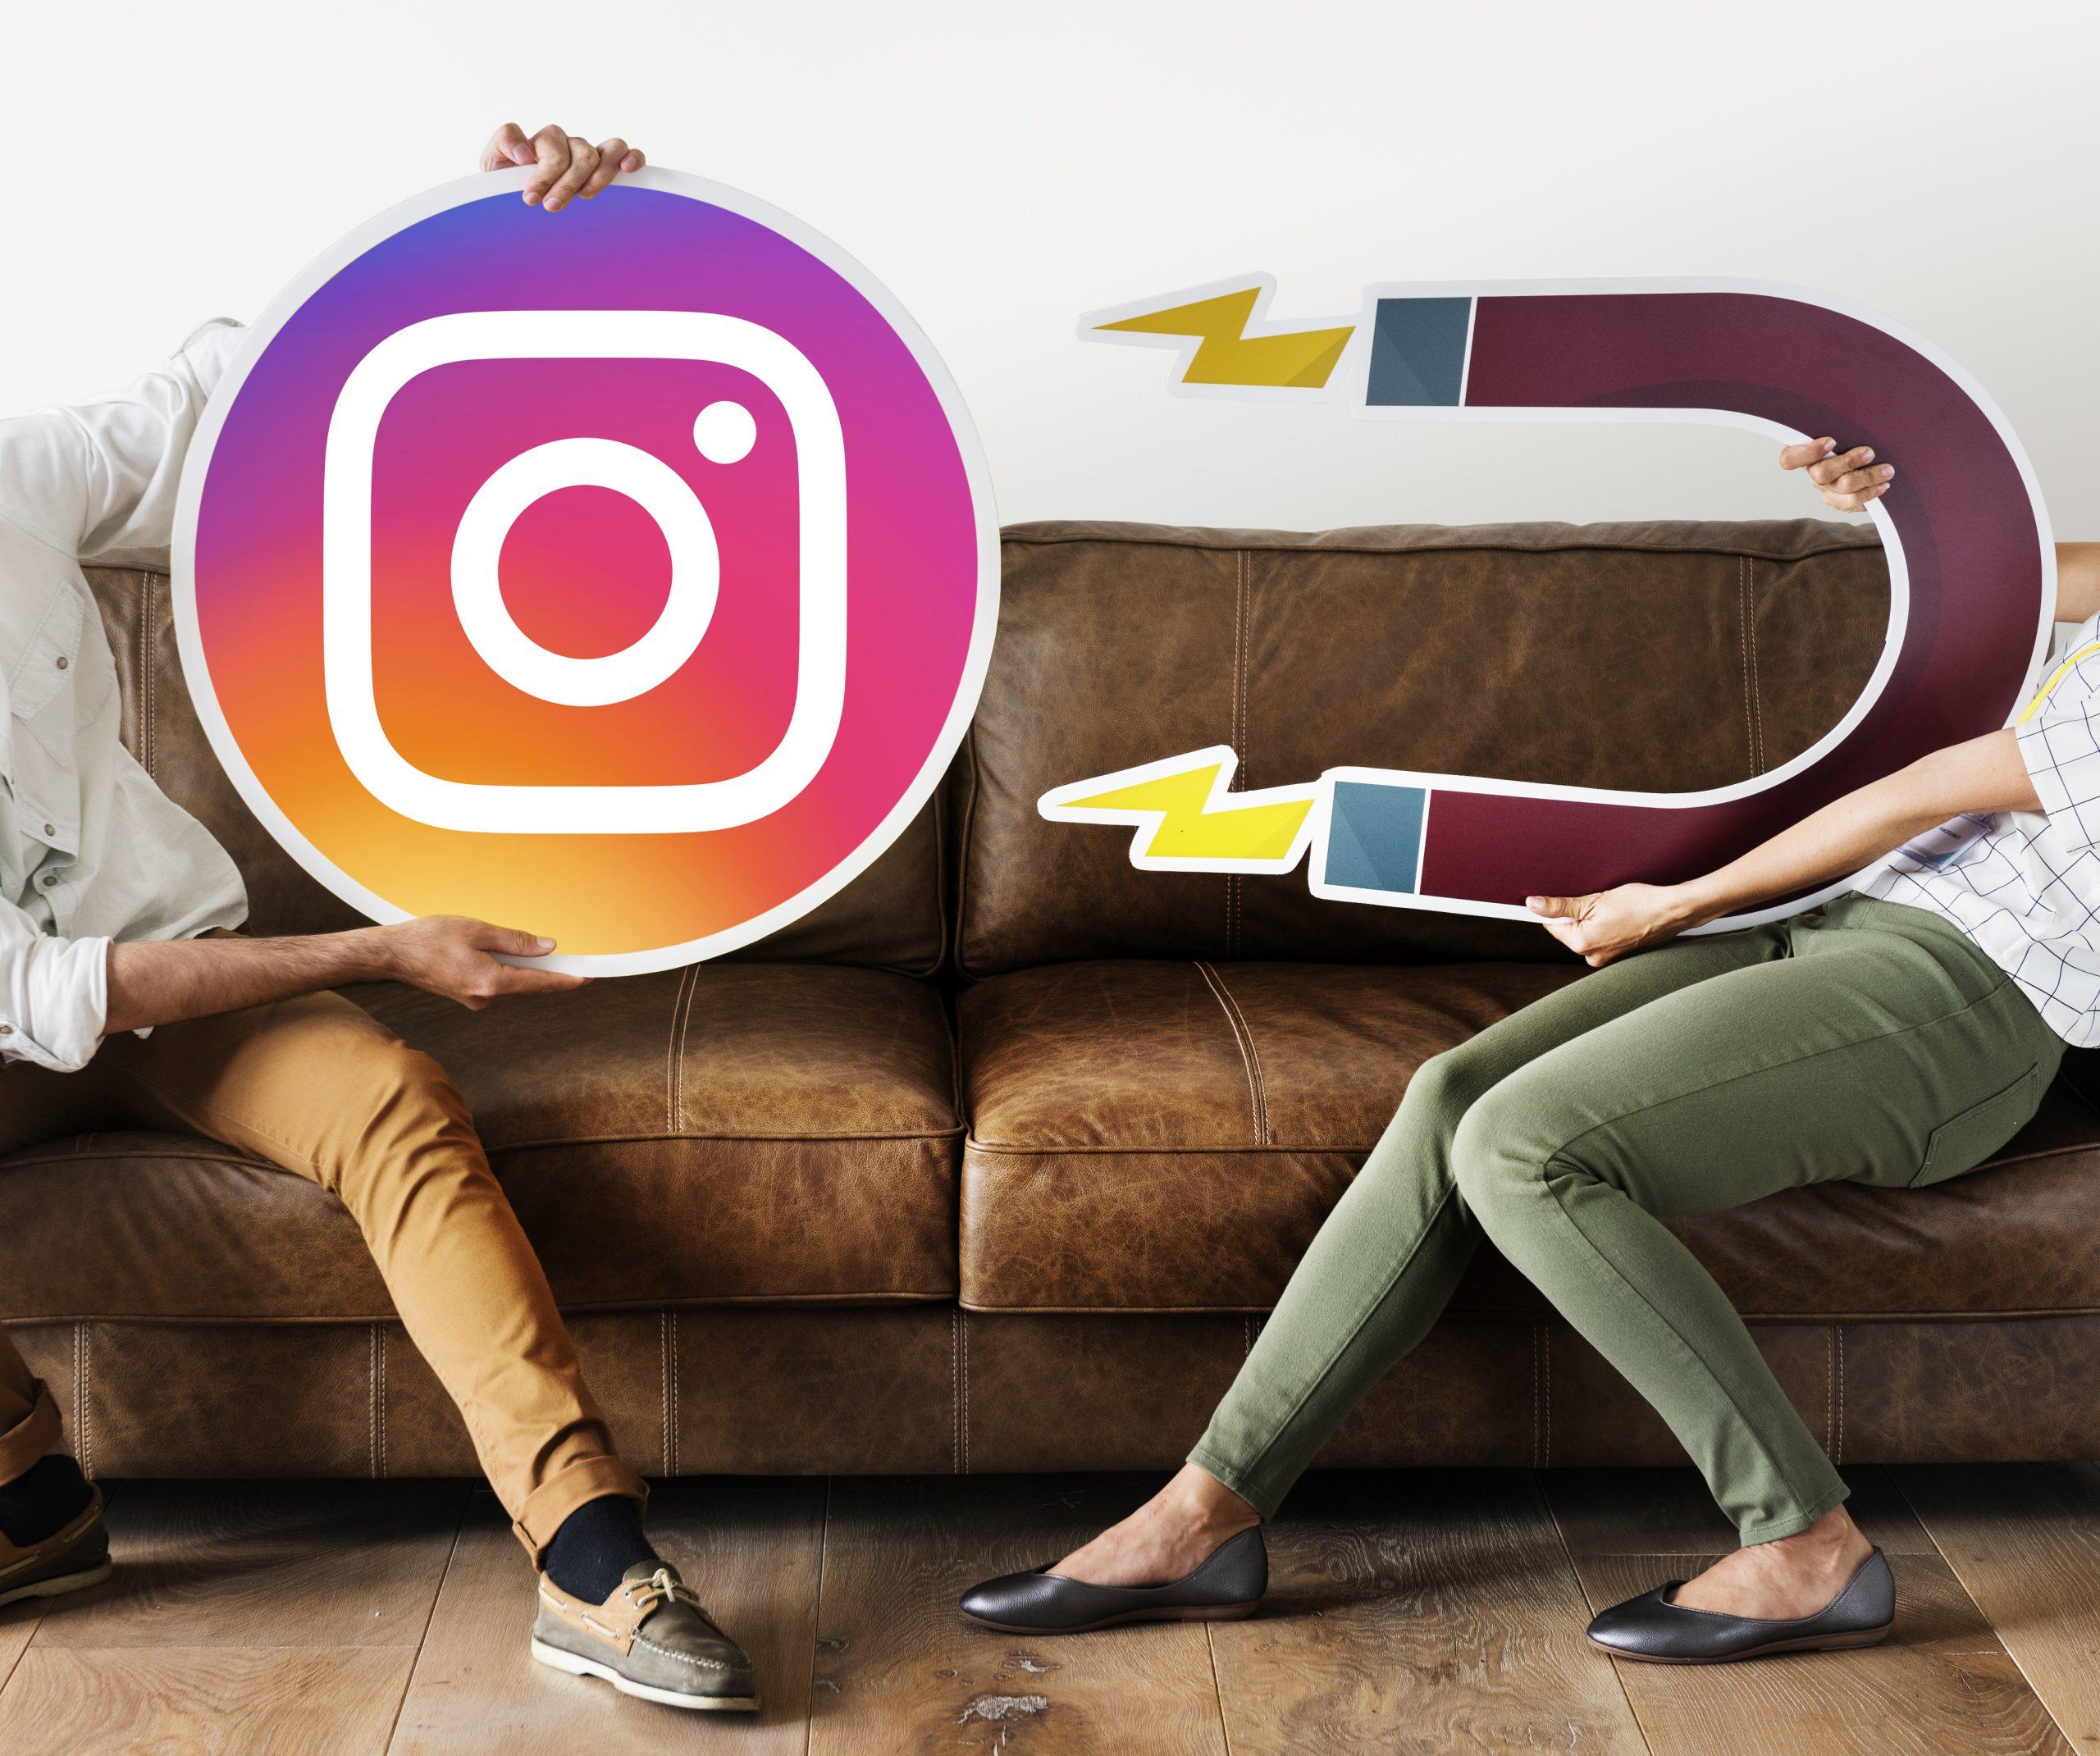 Πως λειτουργεί ο αλγόριθμος του  Instagram;